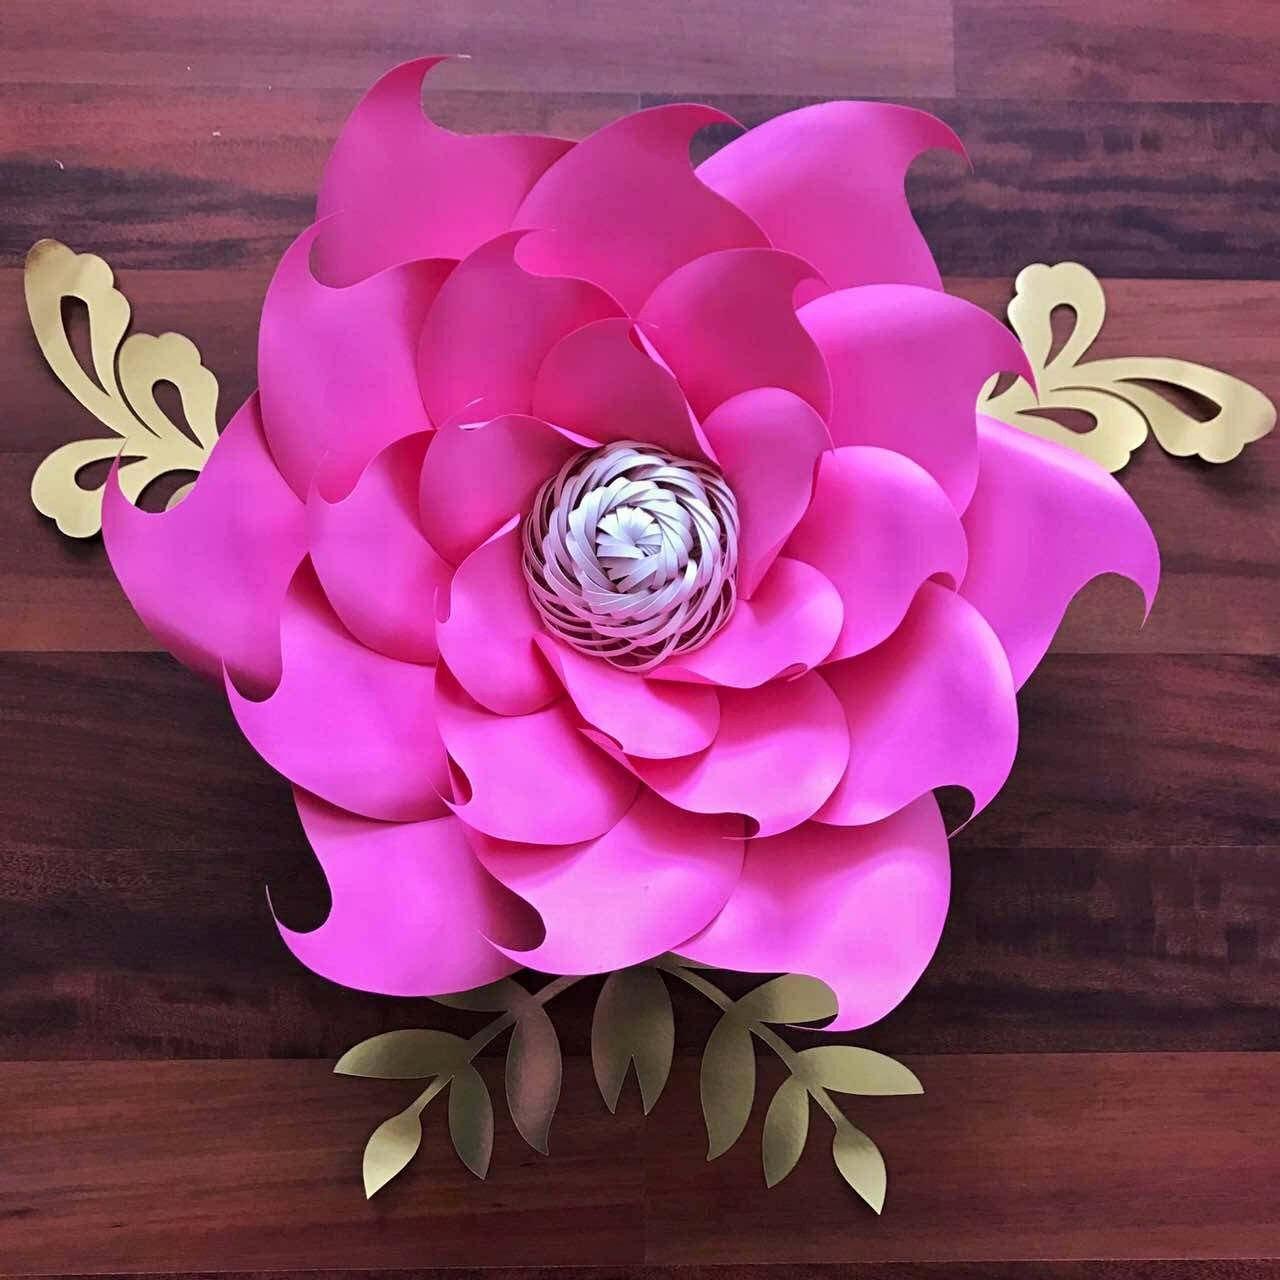 Paper Flower Petals Template Unique Pdf Petal 9 Paper Flower Template Digital Version the